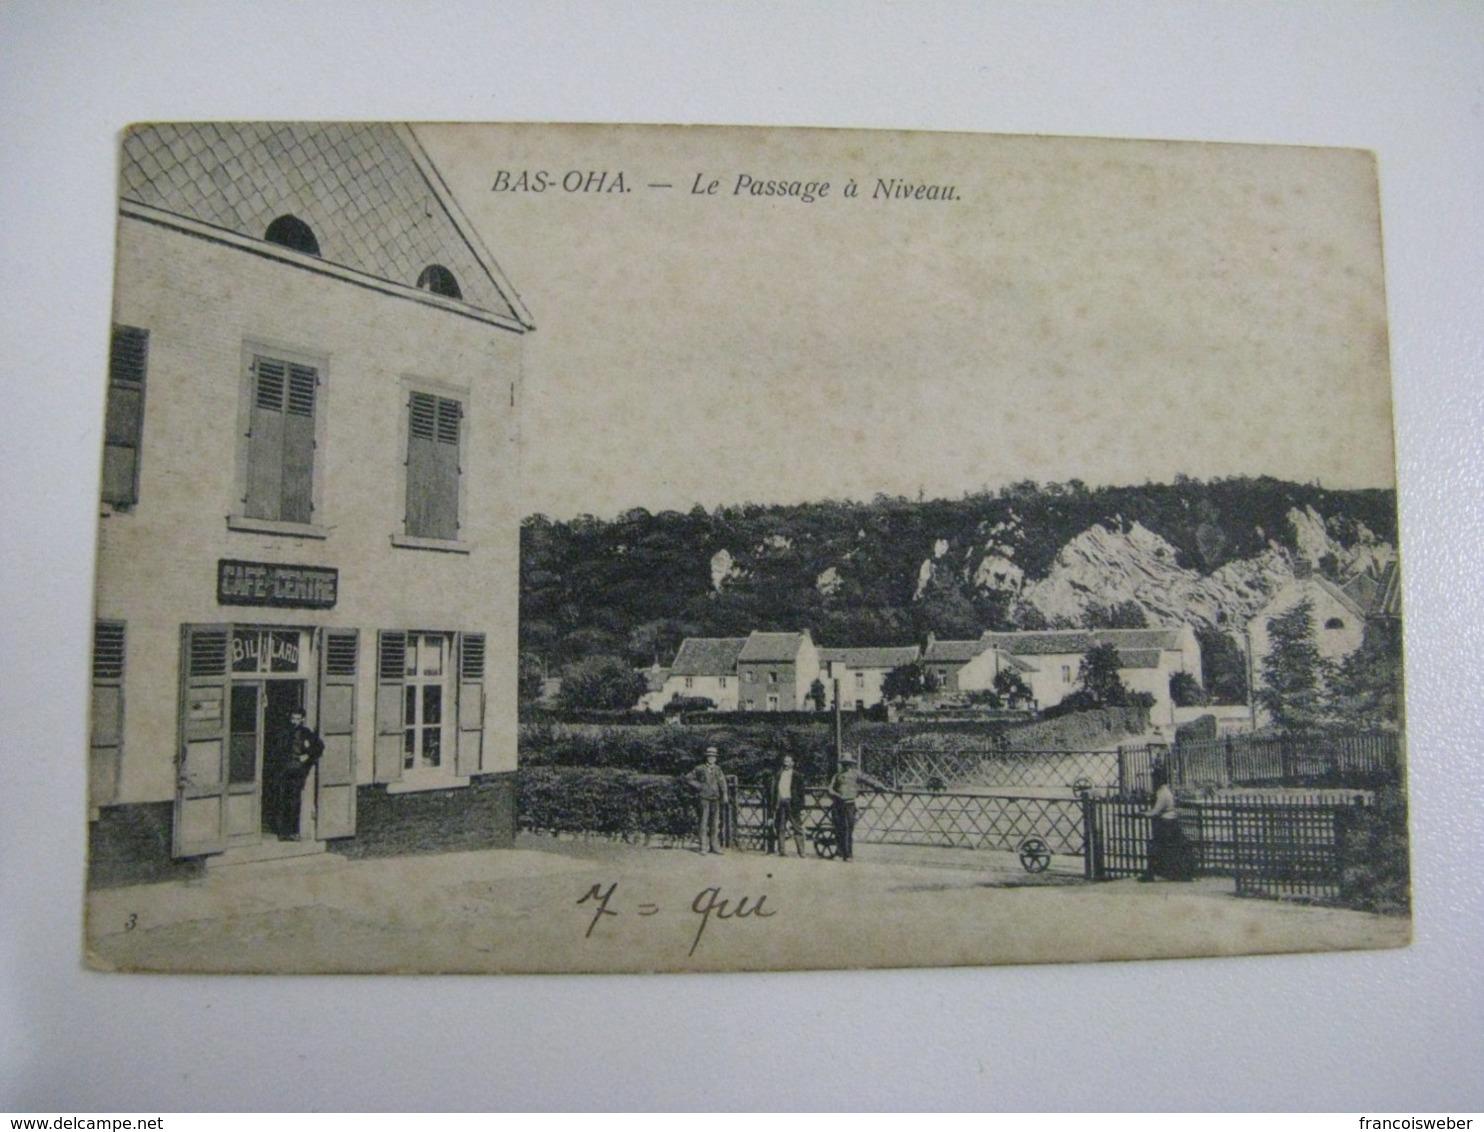 Ancien Carte Postale De Bas-oha Passage A Niveau - Autres